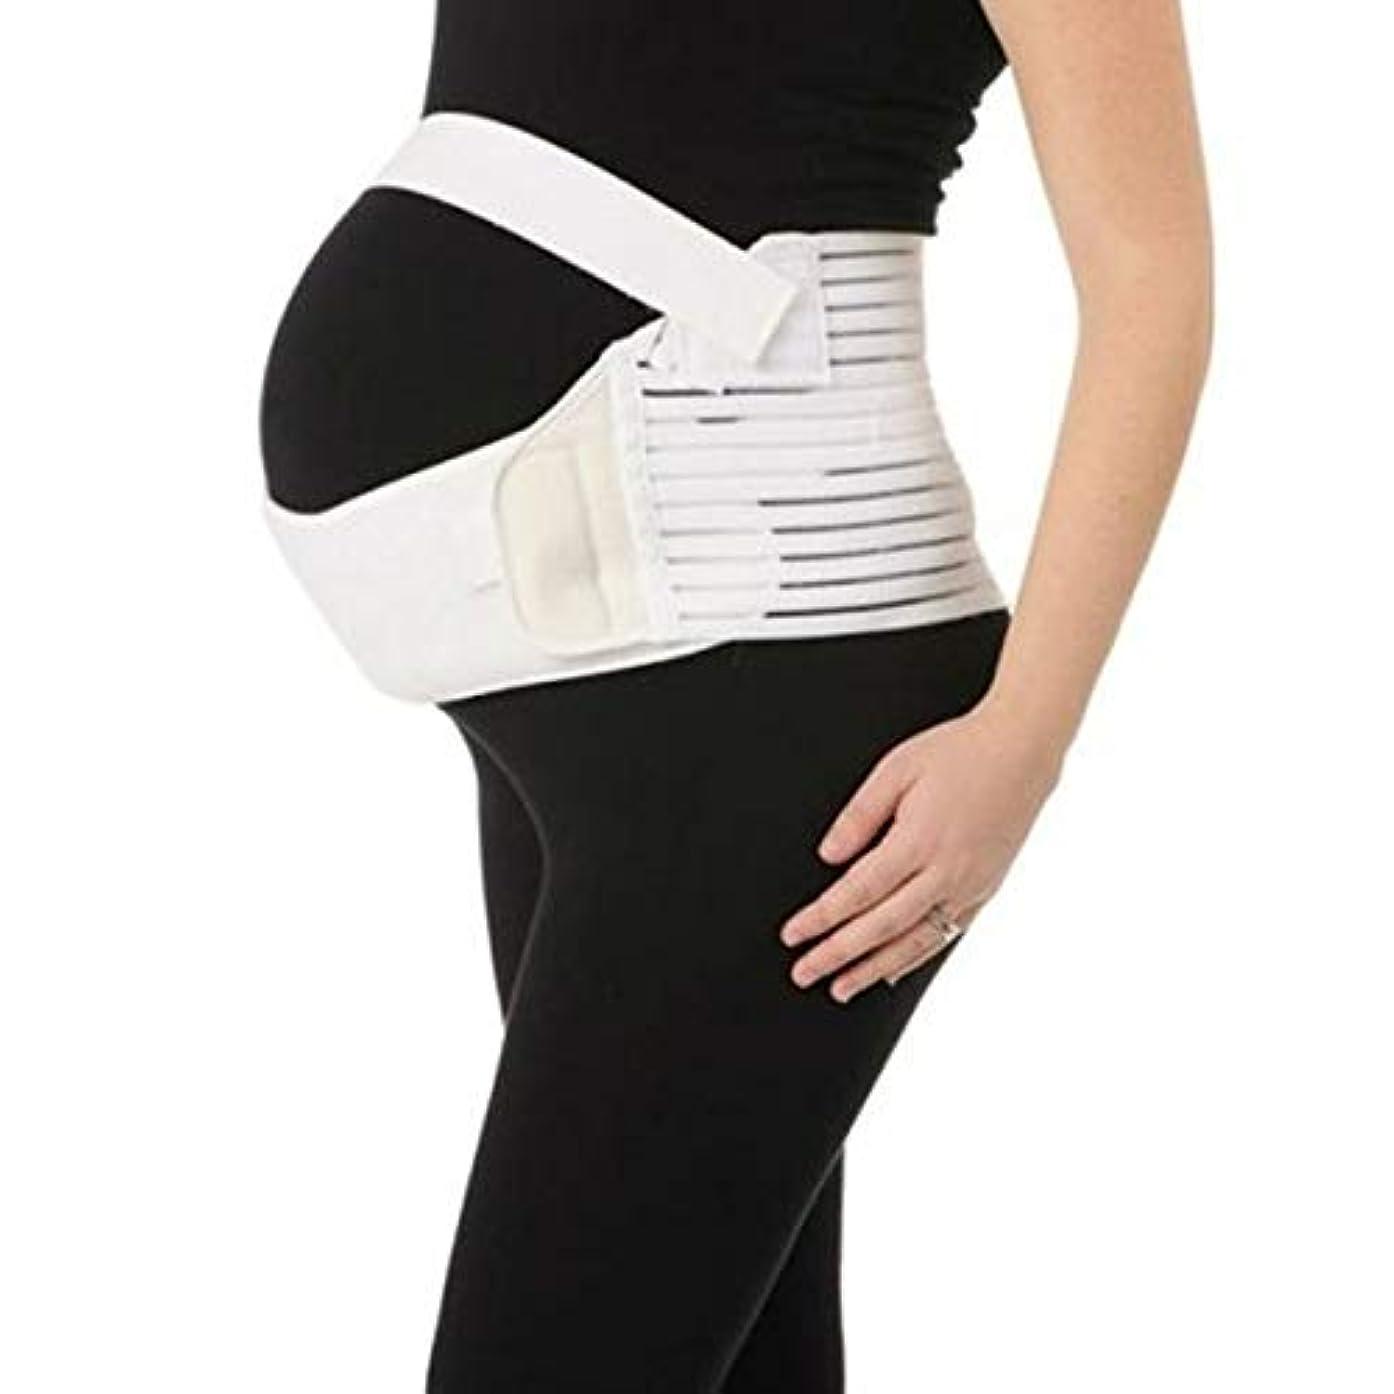 じゃないファンネルウェブスパイダーリッチ通気性産科ベルト妊娠腹部サポート腹部バインダーガードル運動包帯産後の回復形状ウェア - ホワイトM